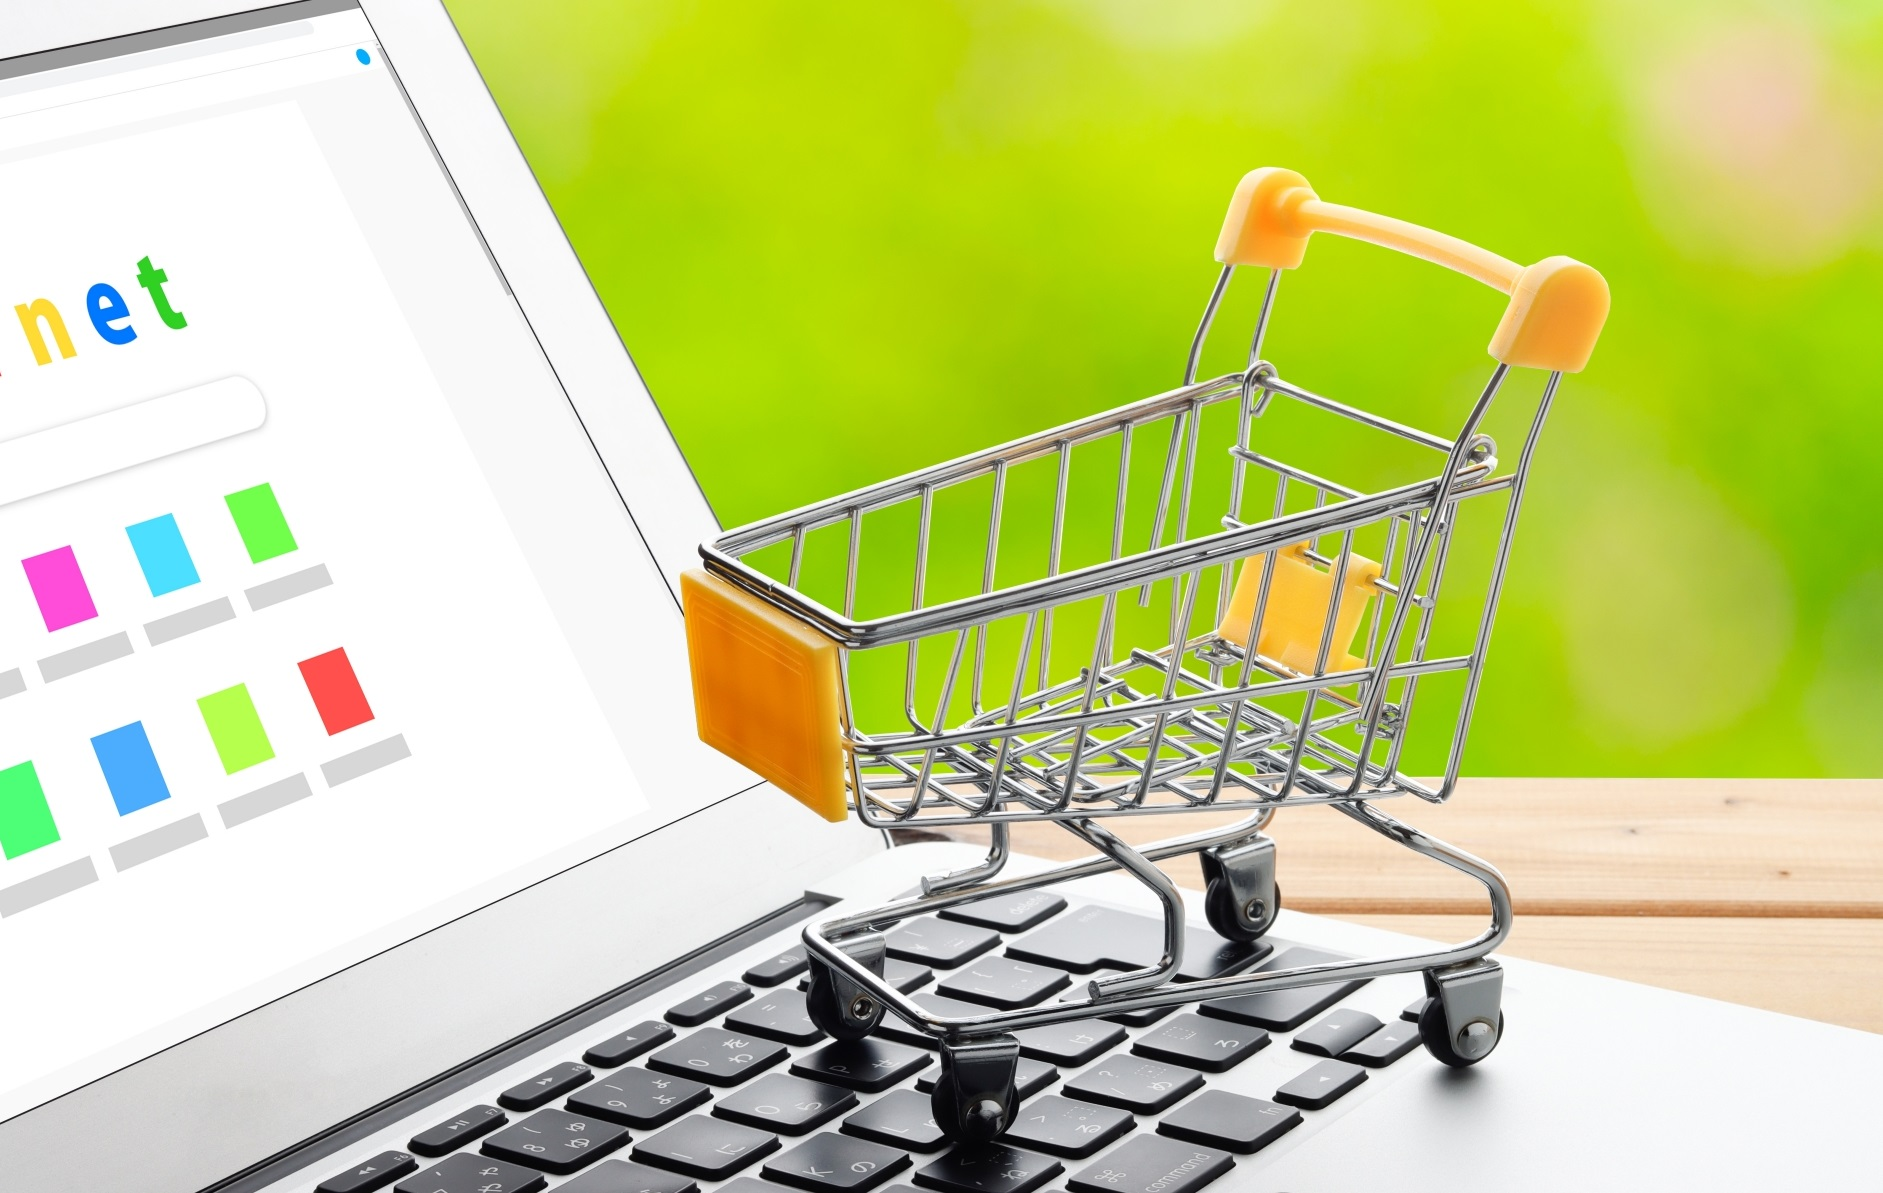 偽ブランド品詐欺、偽販売サイト詐欺被害で返金する方法・手段